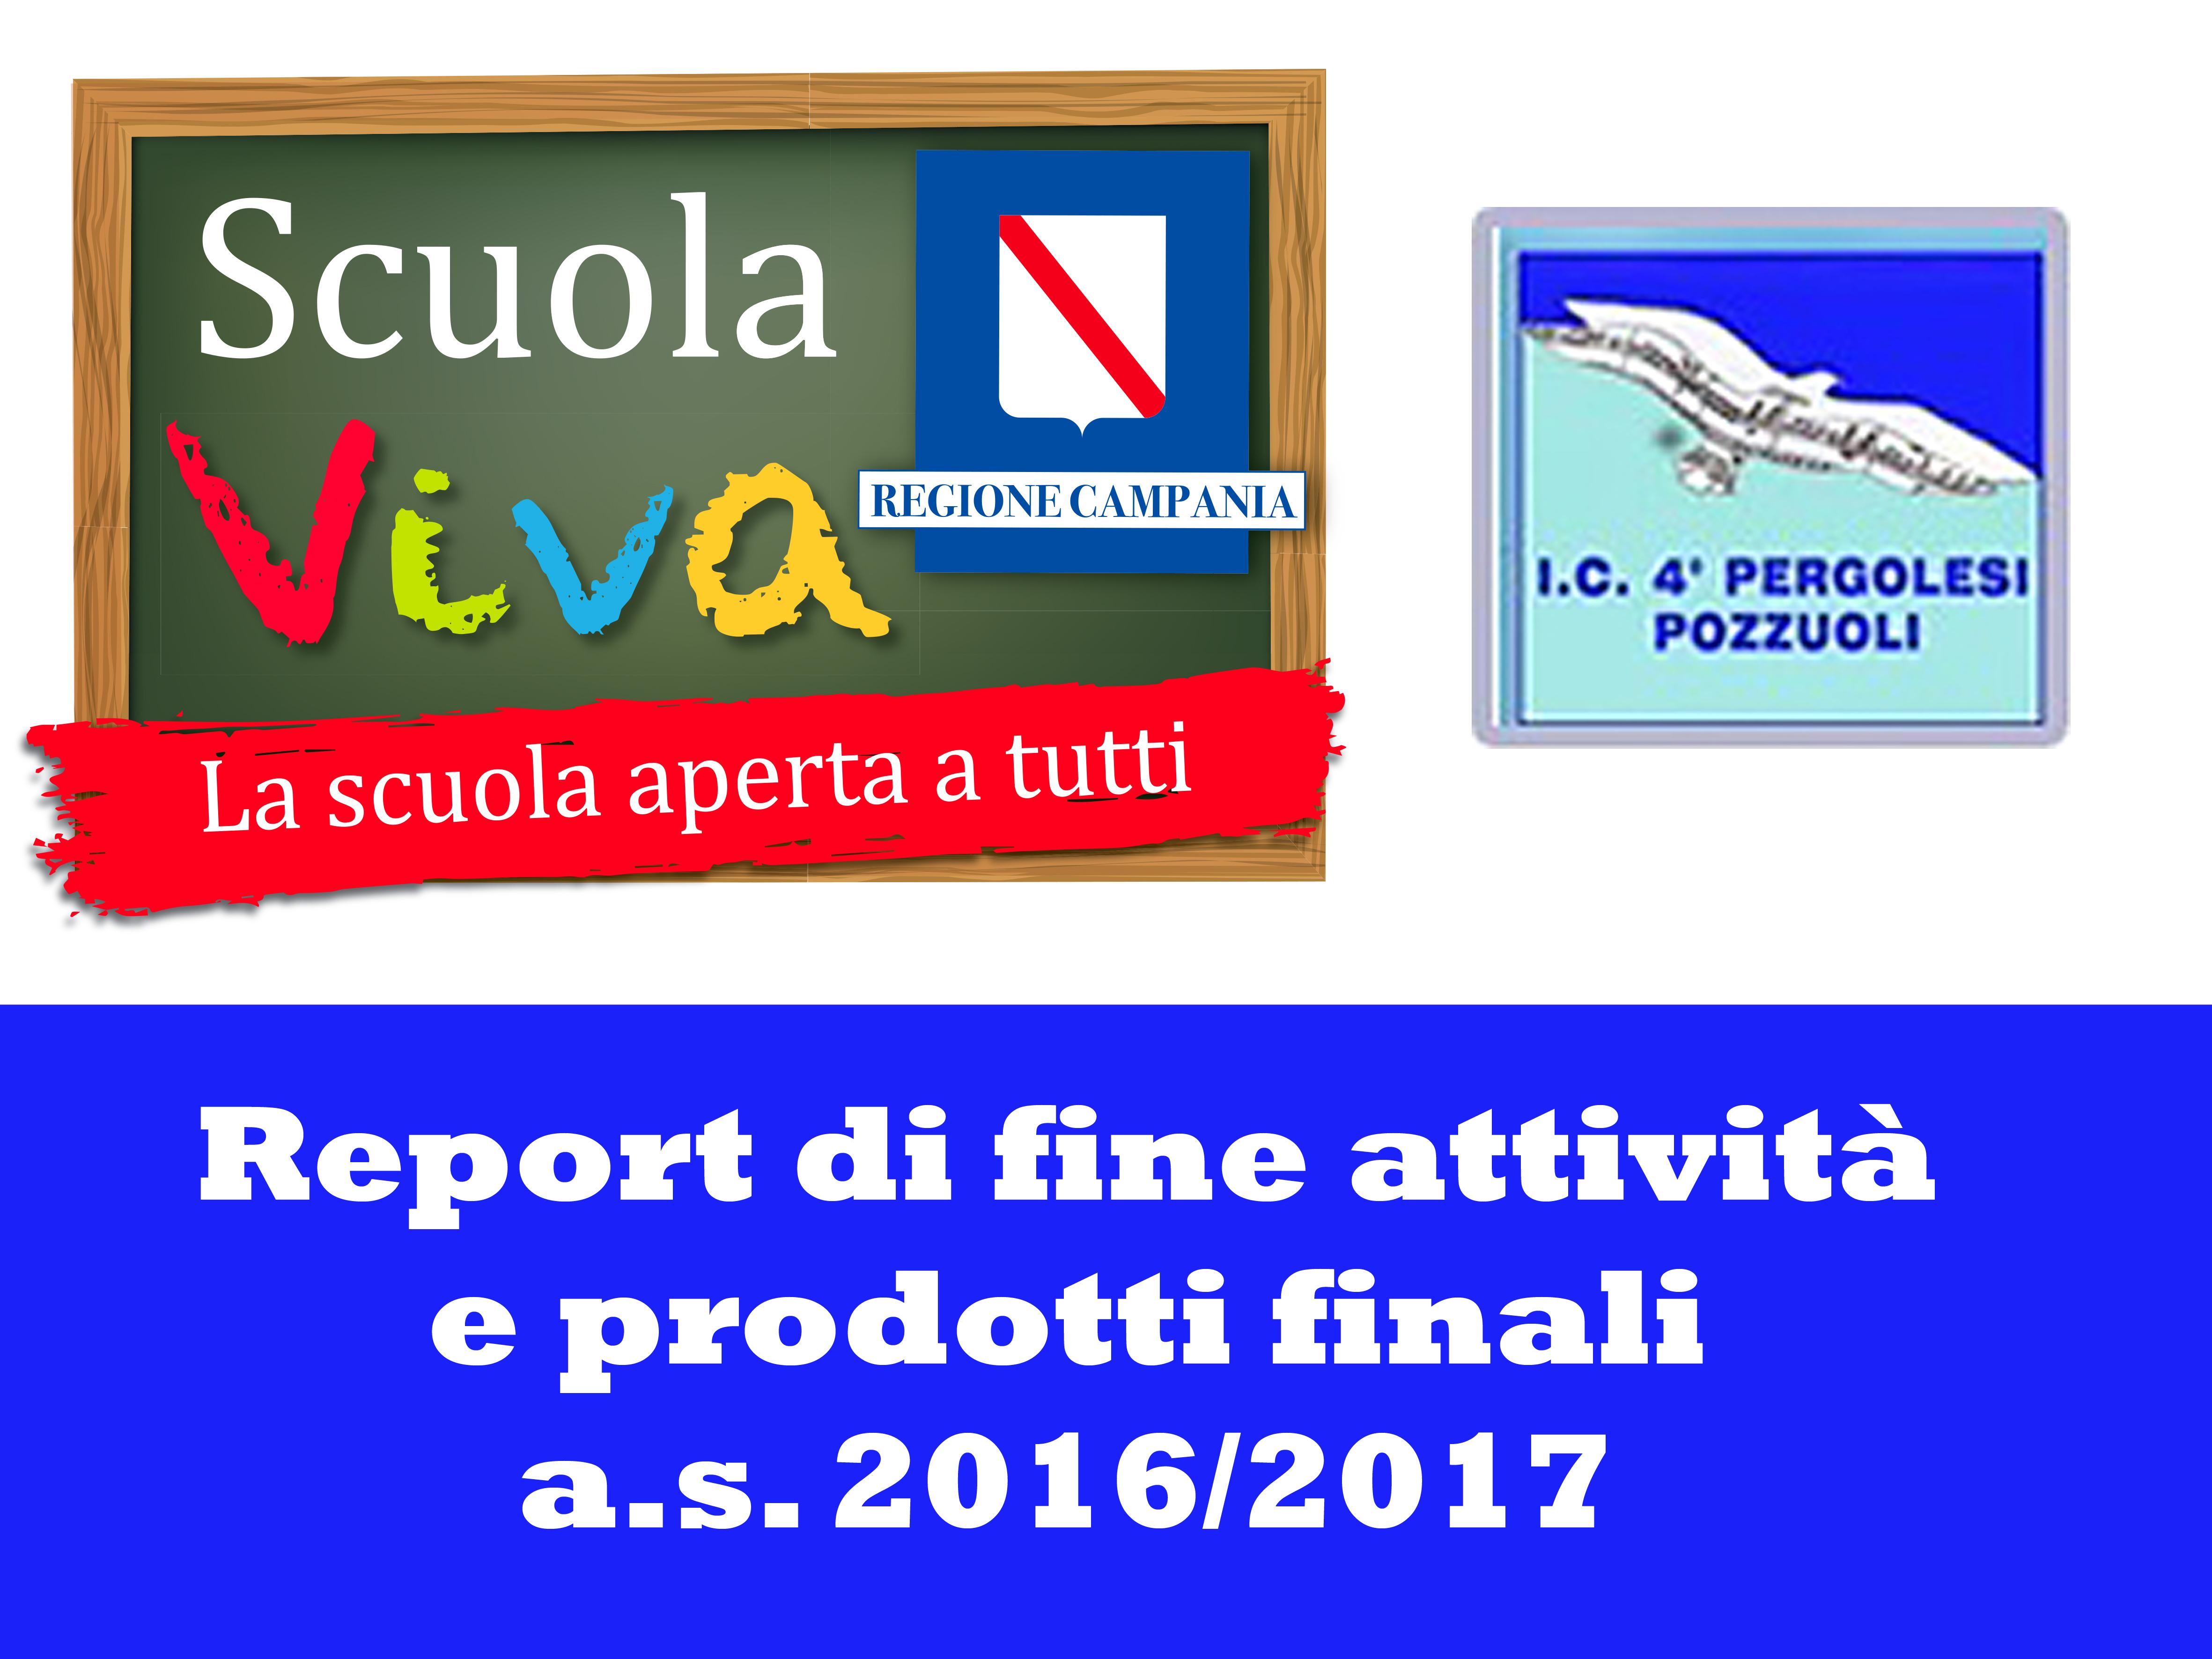 Scuola Viva: Report di fine attività e prodotti finali a.s. 2016/2017